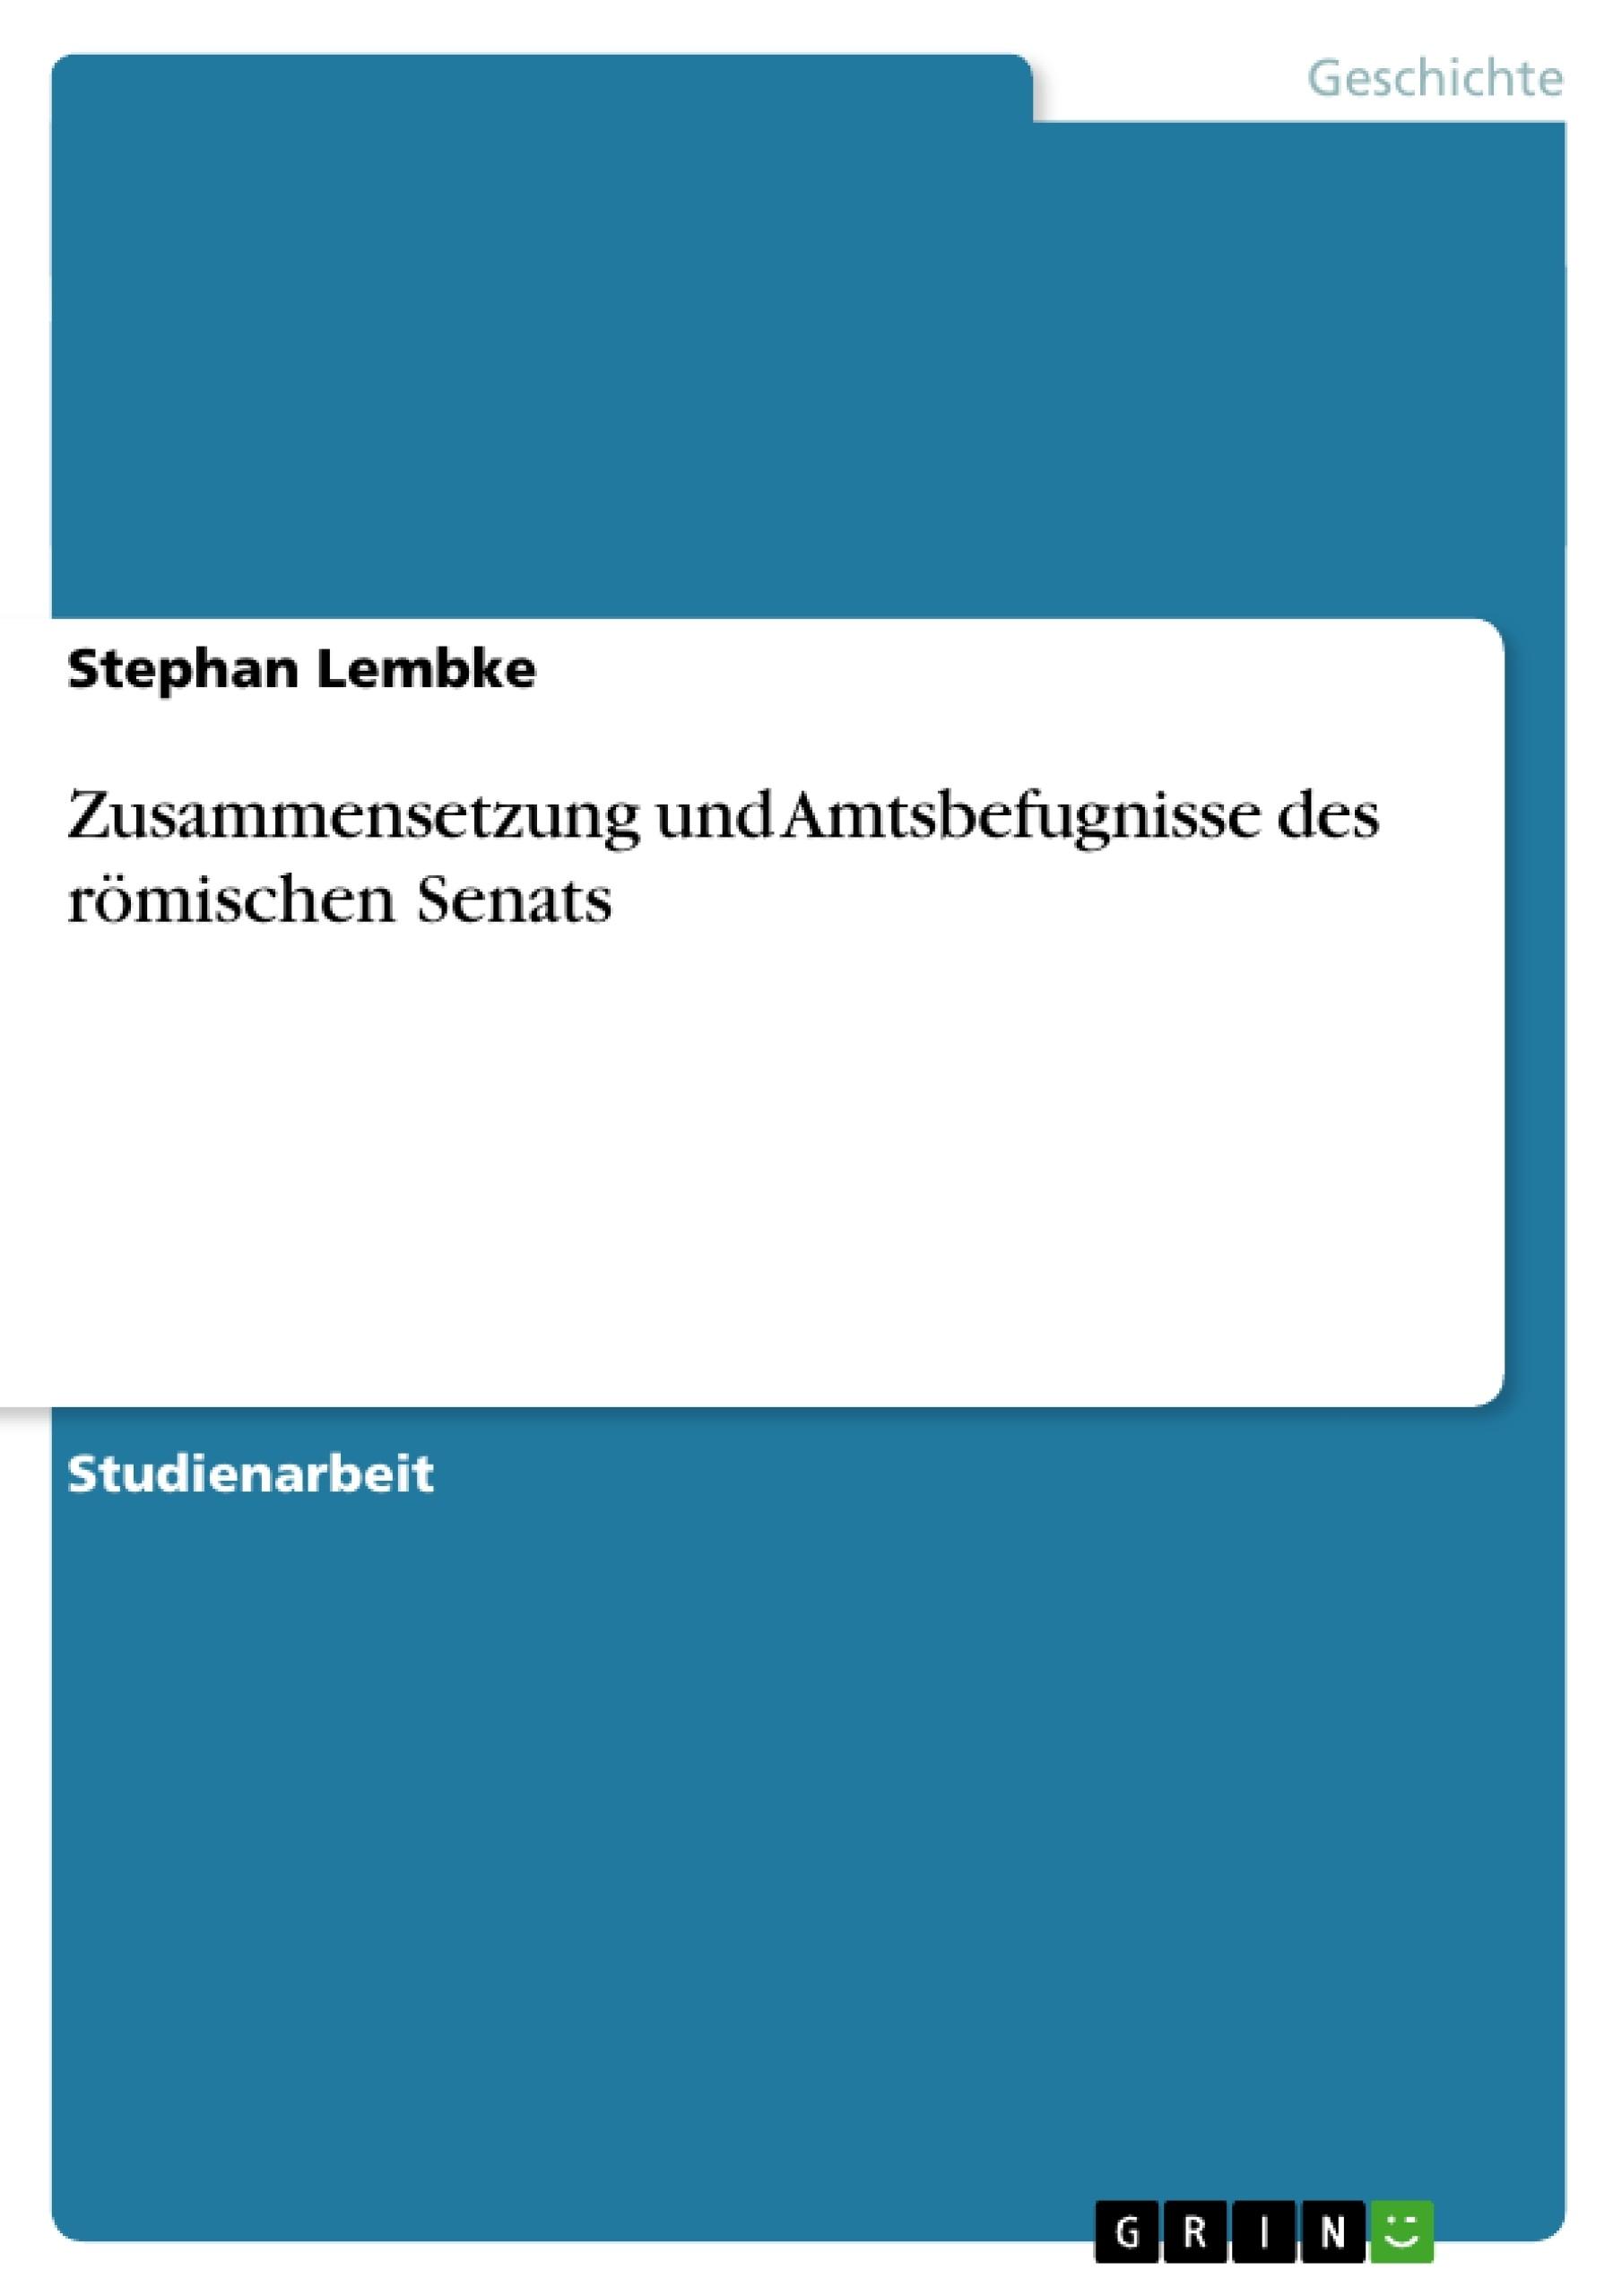 Titel: Zusammensetzung und Amtsbefugnisse des römischen Senats